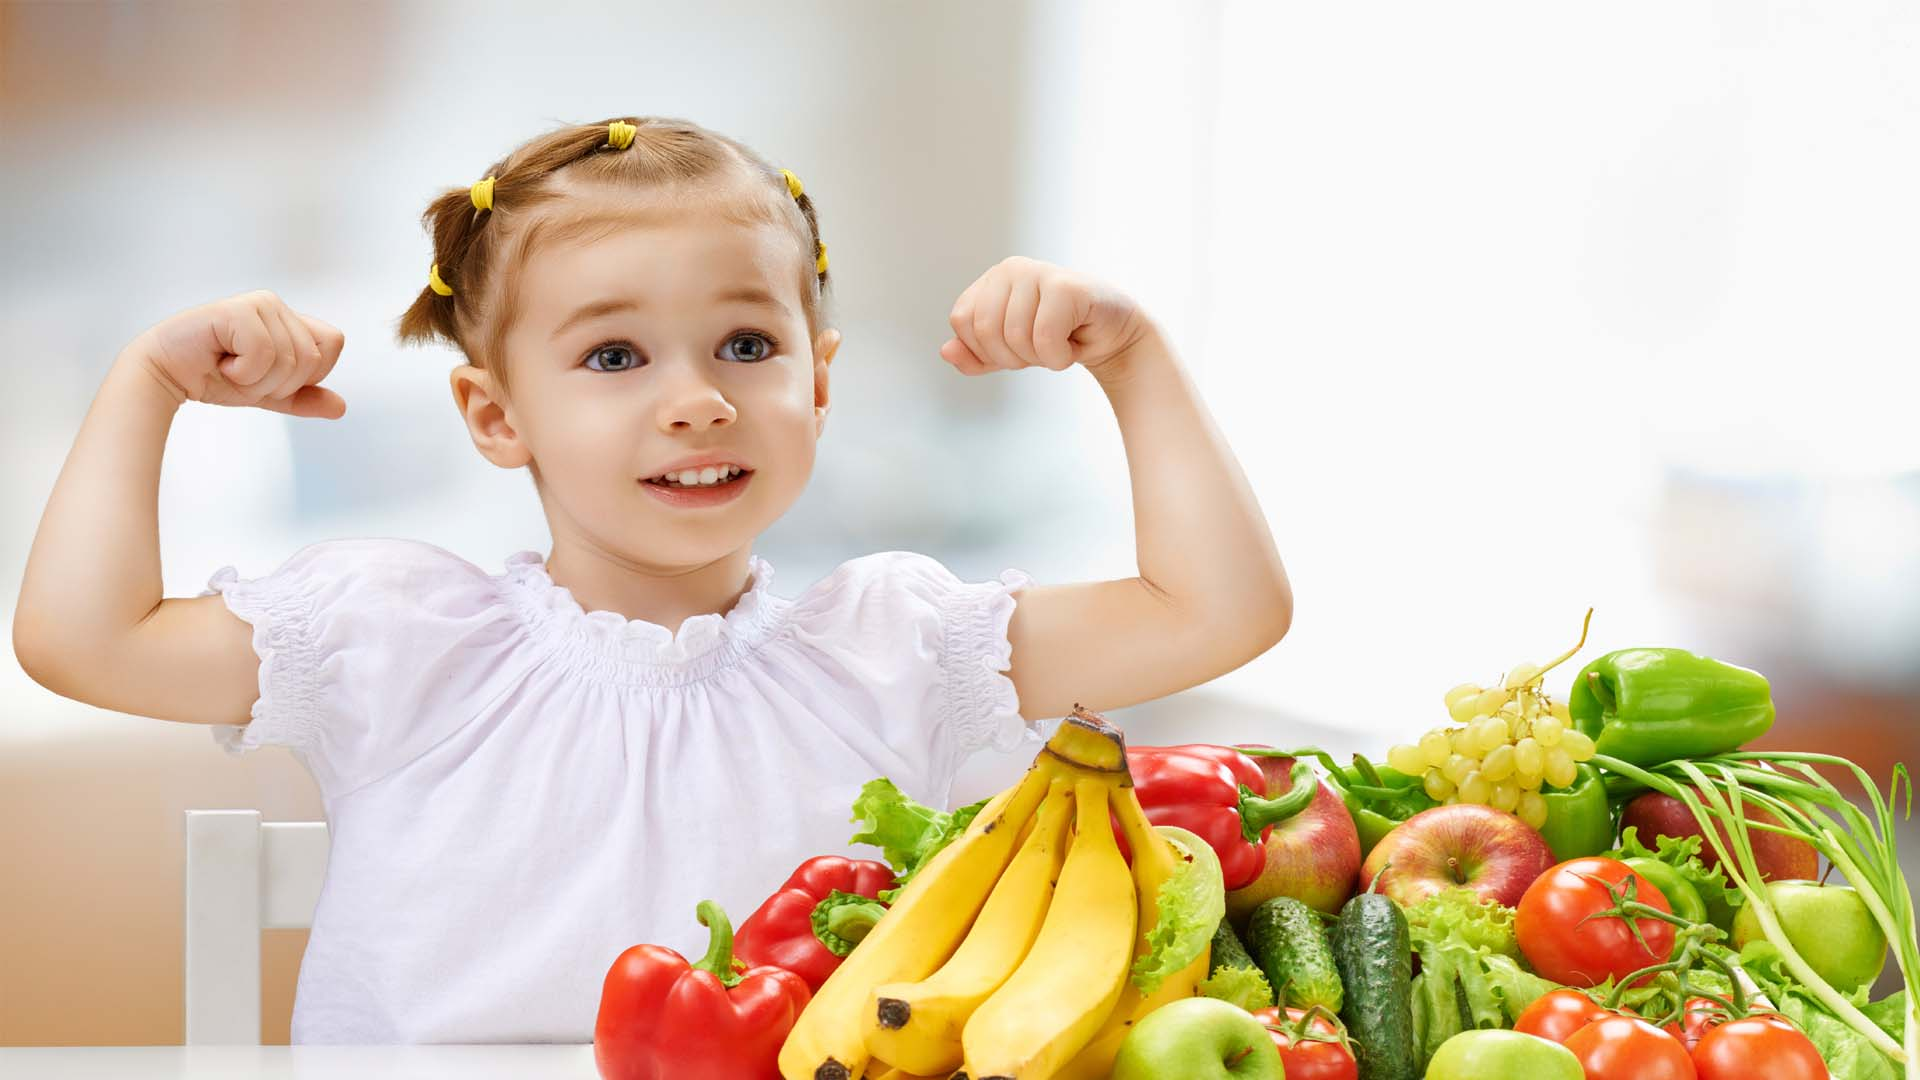 Los alimentos de intensos colores contienen propiedades anticancerígenas que evitan la activación de células malignas